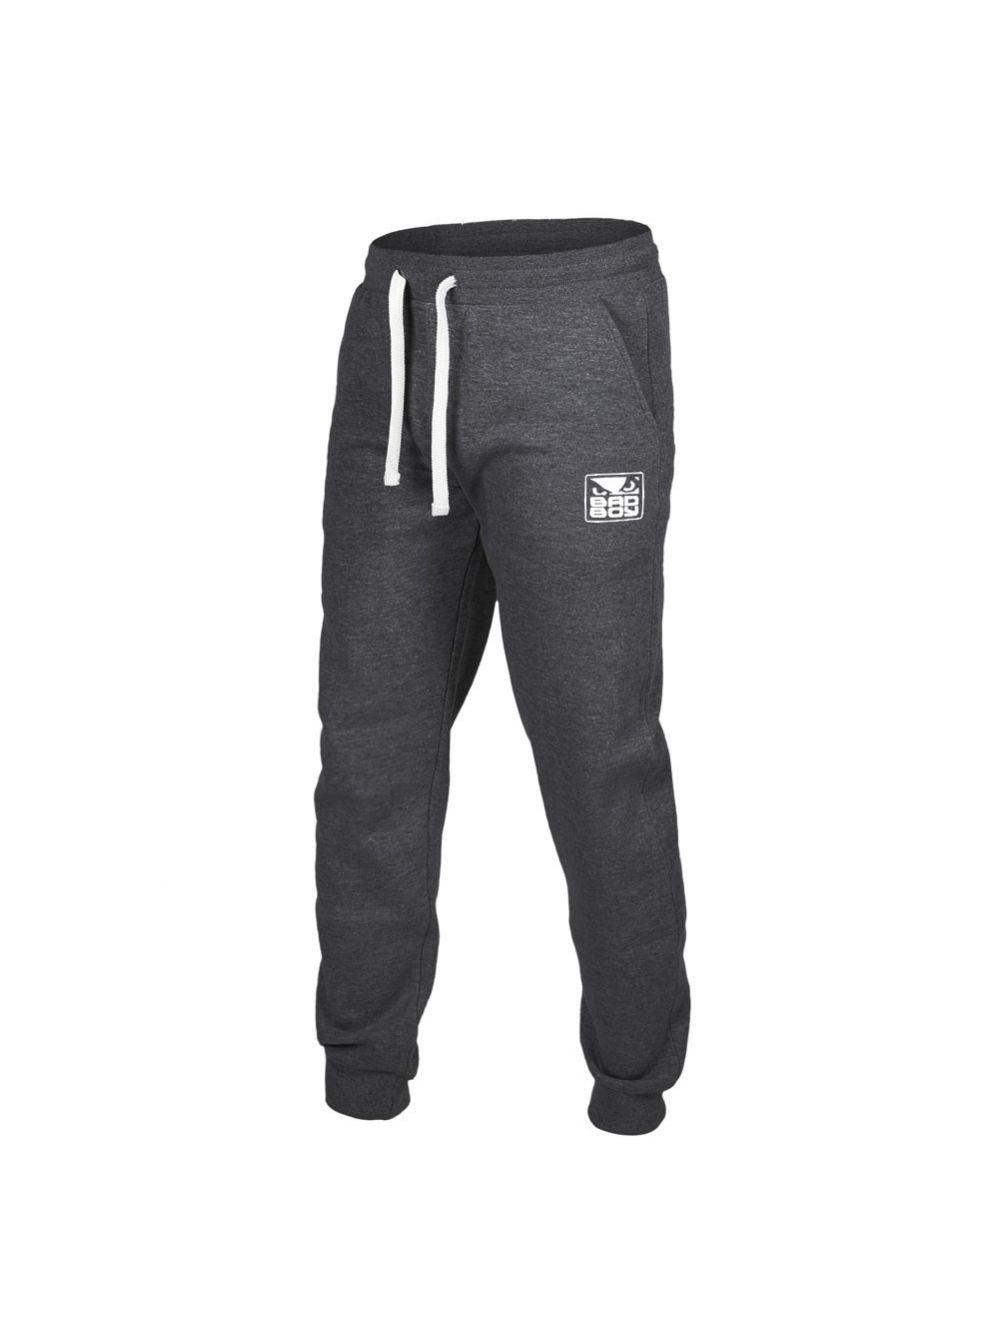 Купить Штаны Bad Boy Core Joggers - Grey, 4273_gy